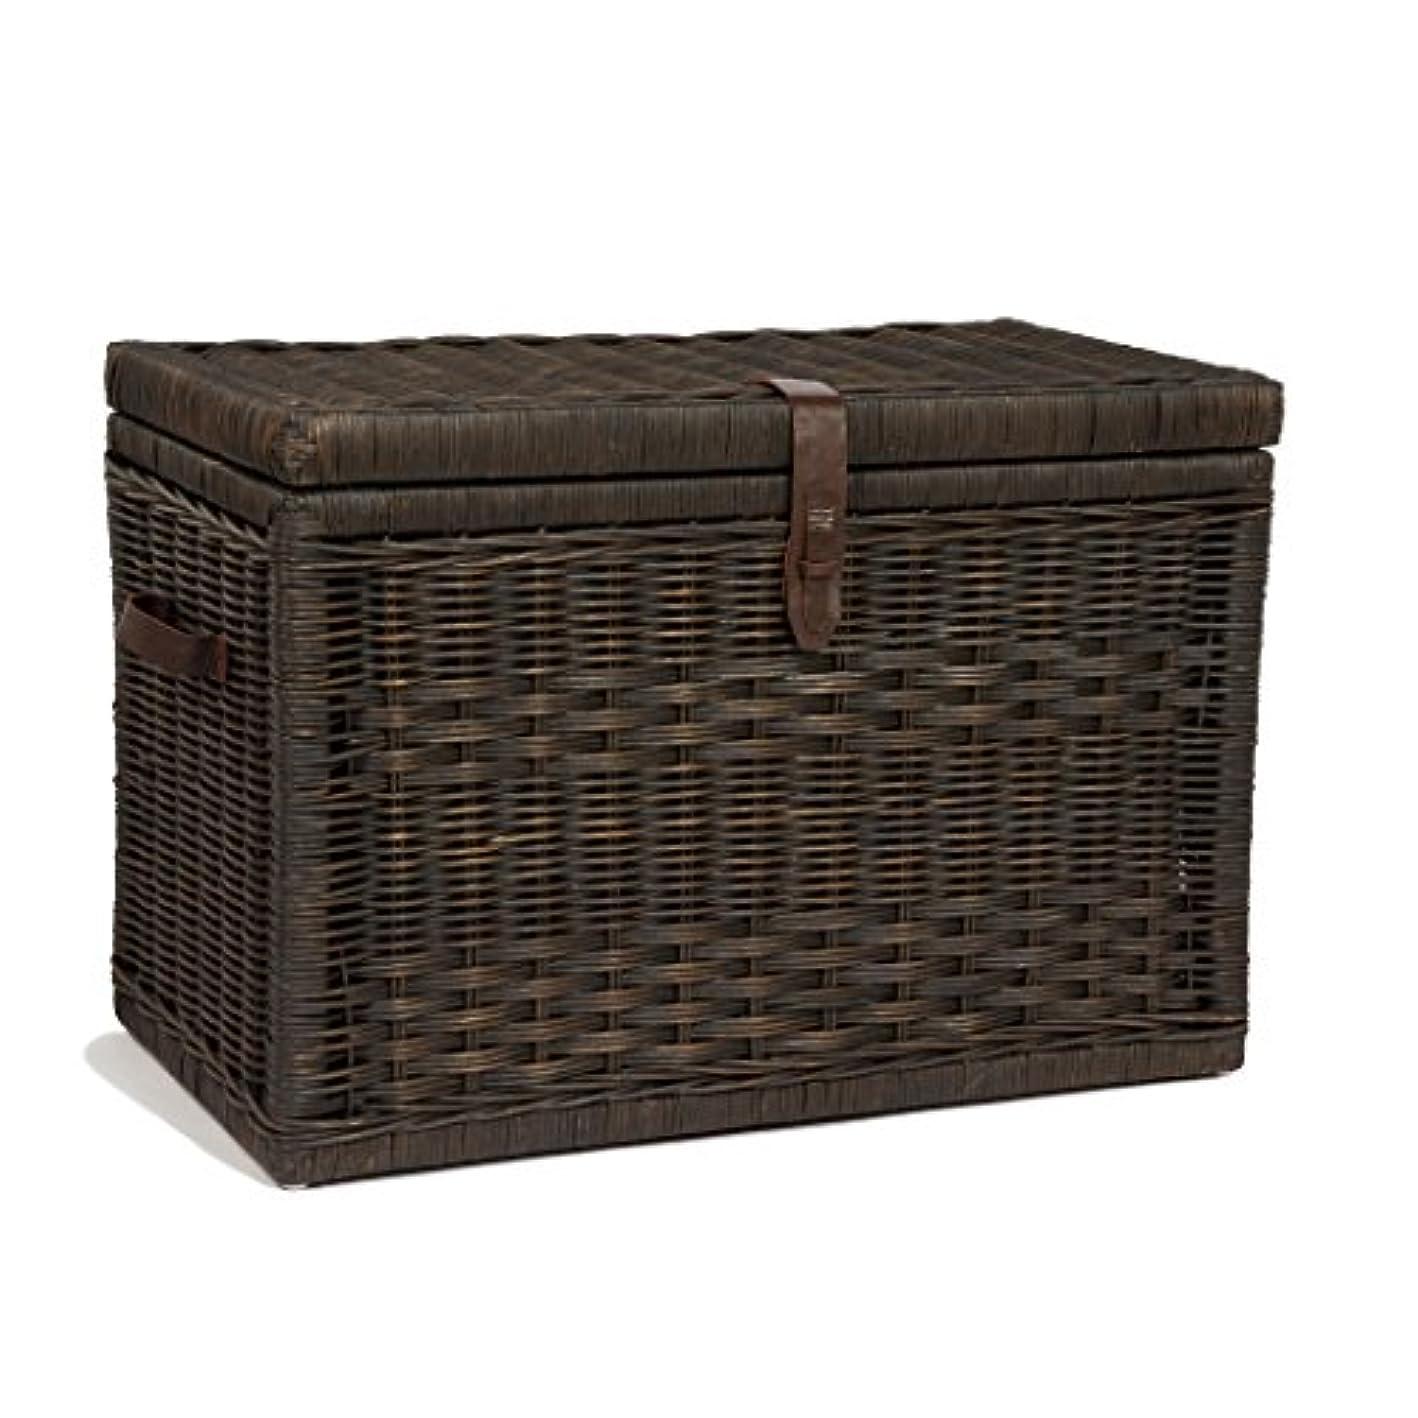 The Basket Lady Wicker Storage Trunk | Wicker Storage Chest, Large (30